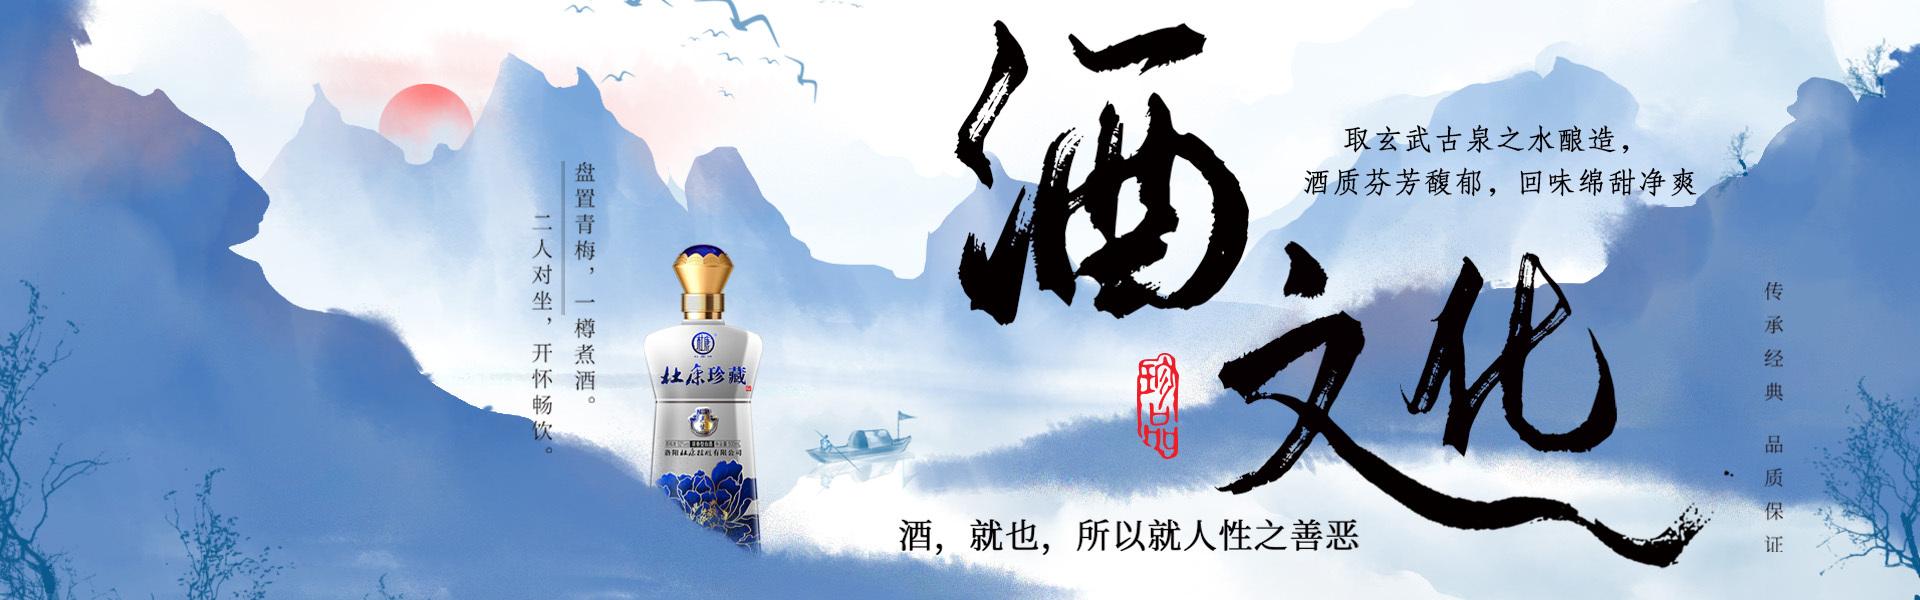 洛阳酒缘科技有限公司